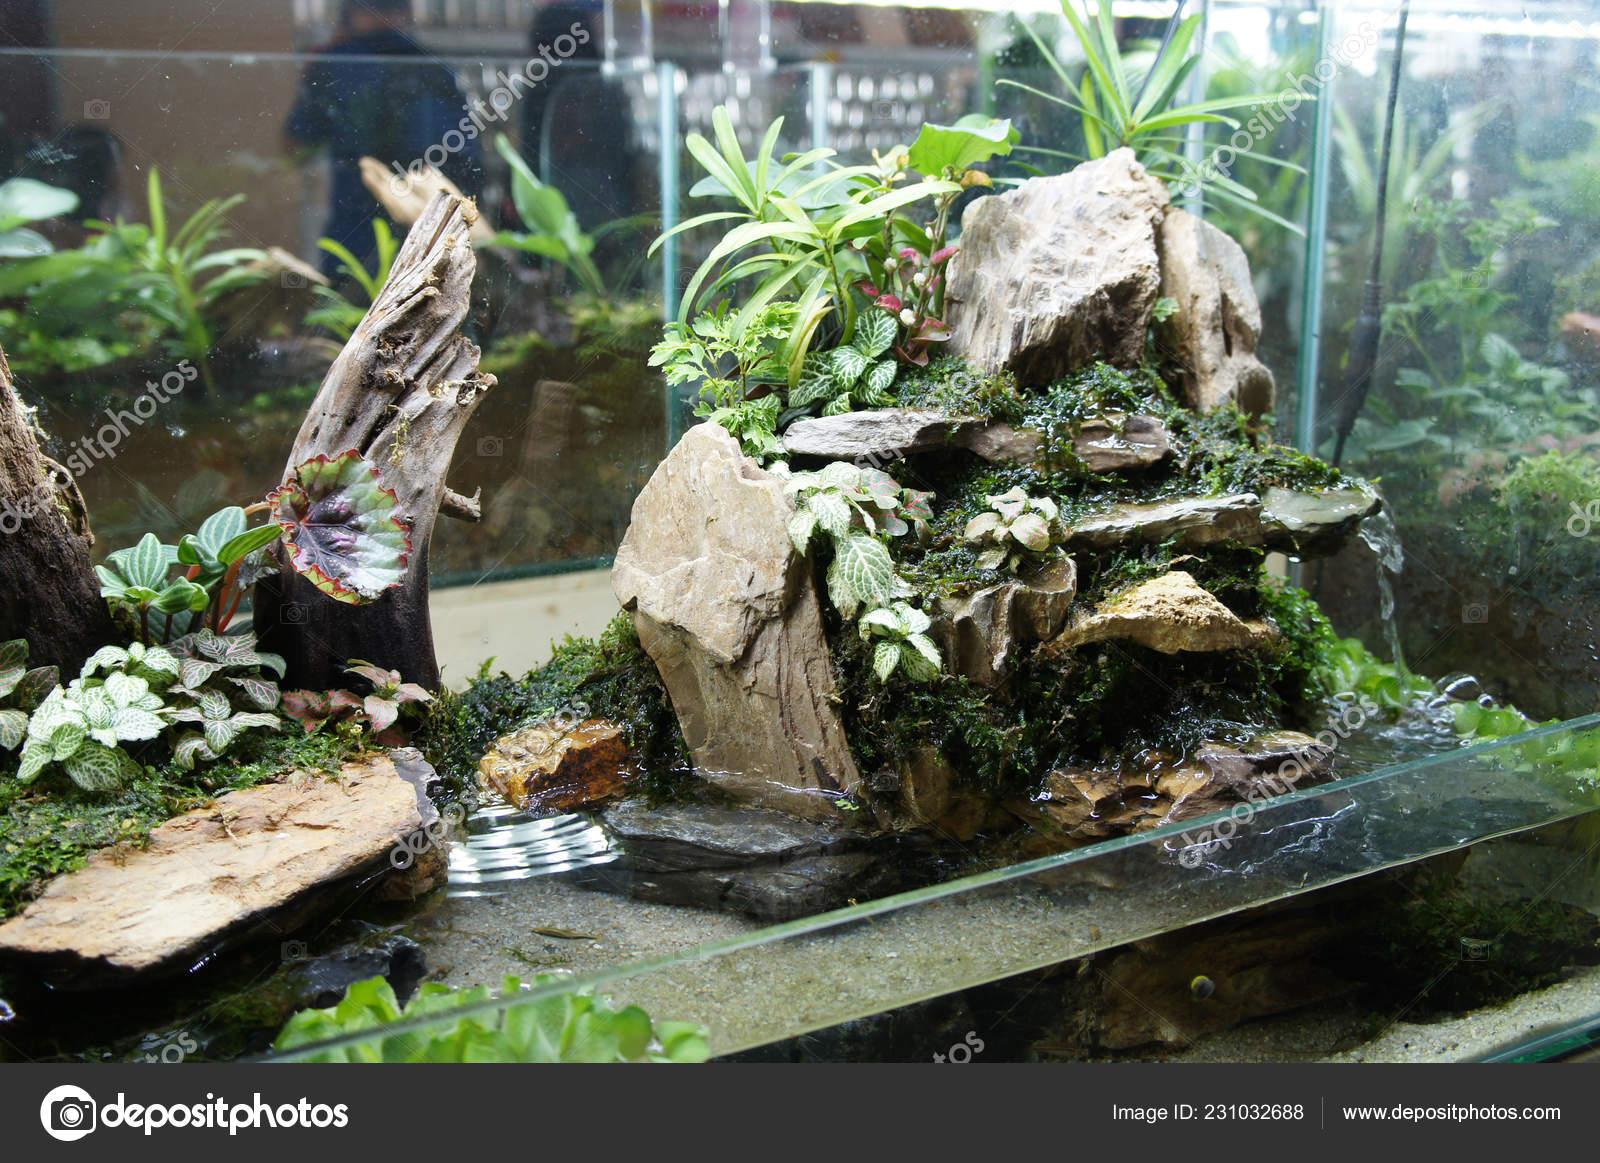 Aquascape Terrarium Design Small Glass Aquarium Displayed Public Stock Photo Image By C Aisyaqilumar 231032688